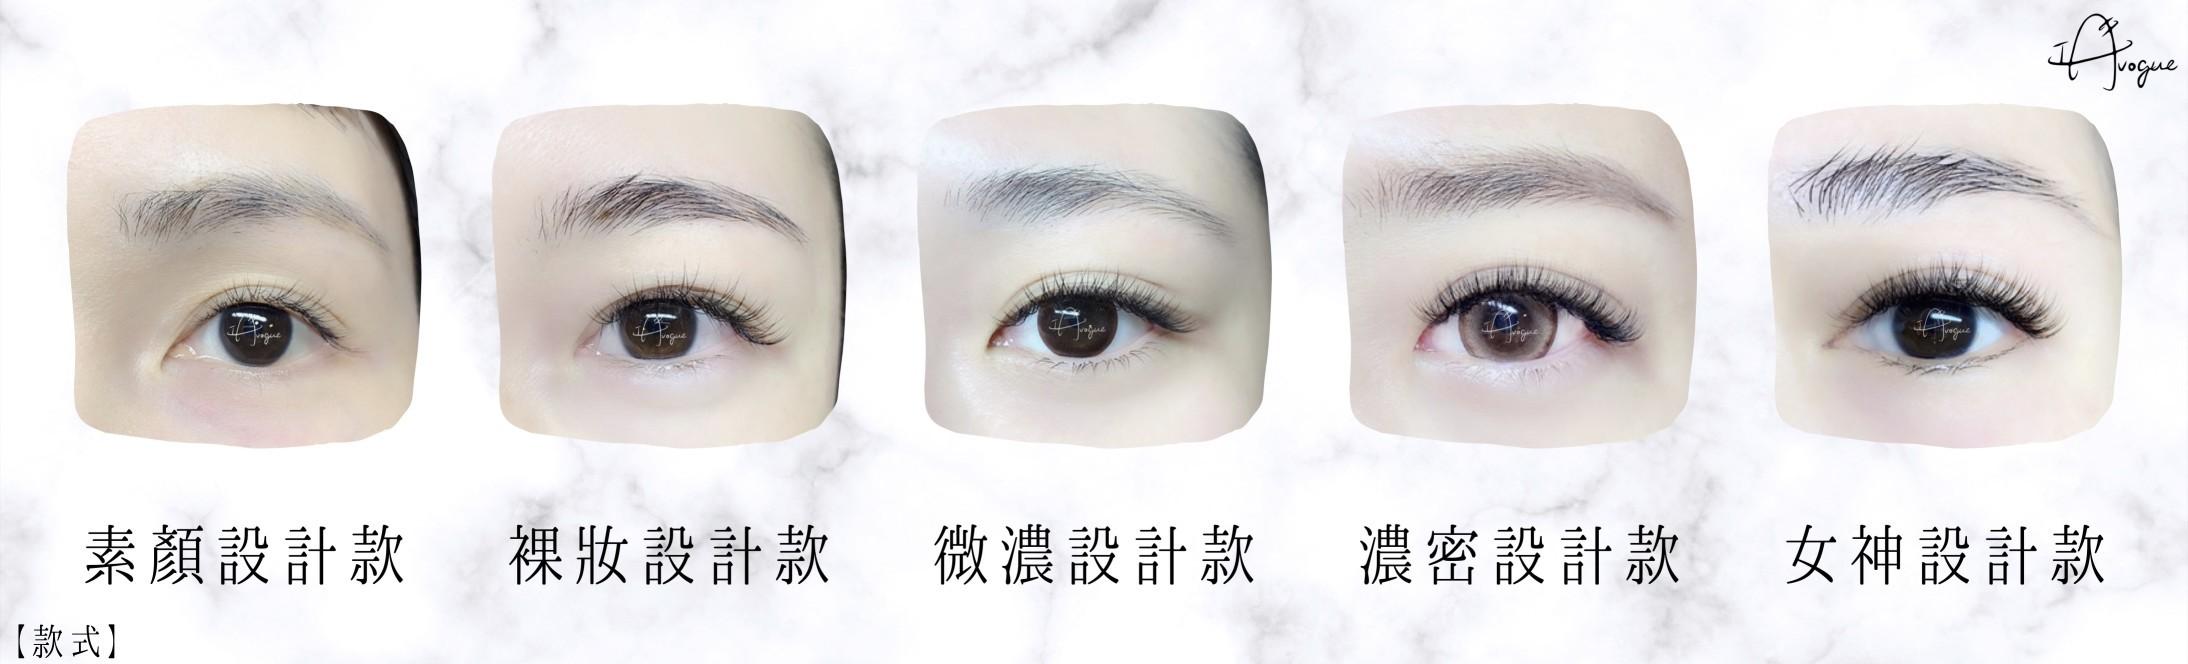 接睫毛款式設計挑選一覽表-女神設計款|台北中山區IA專業美睫設計